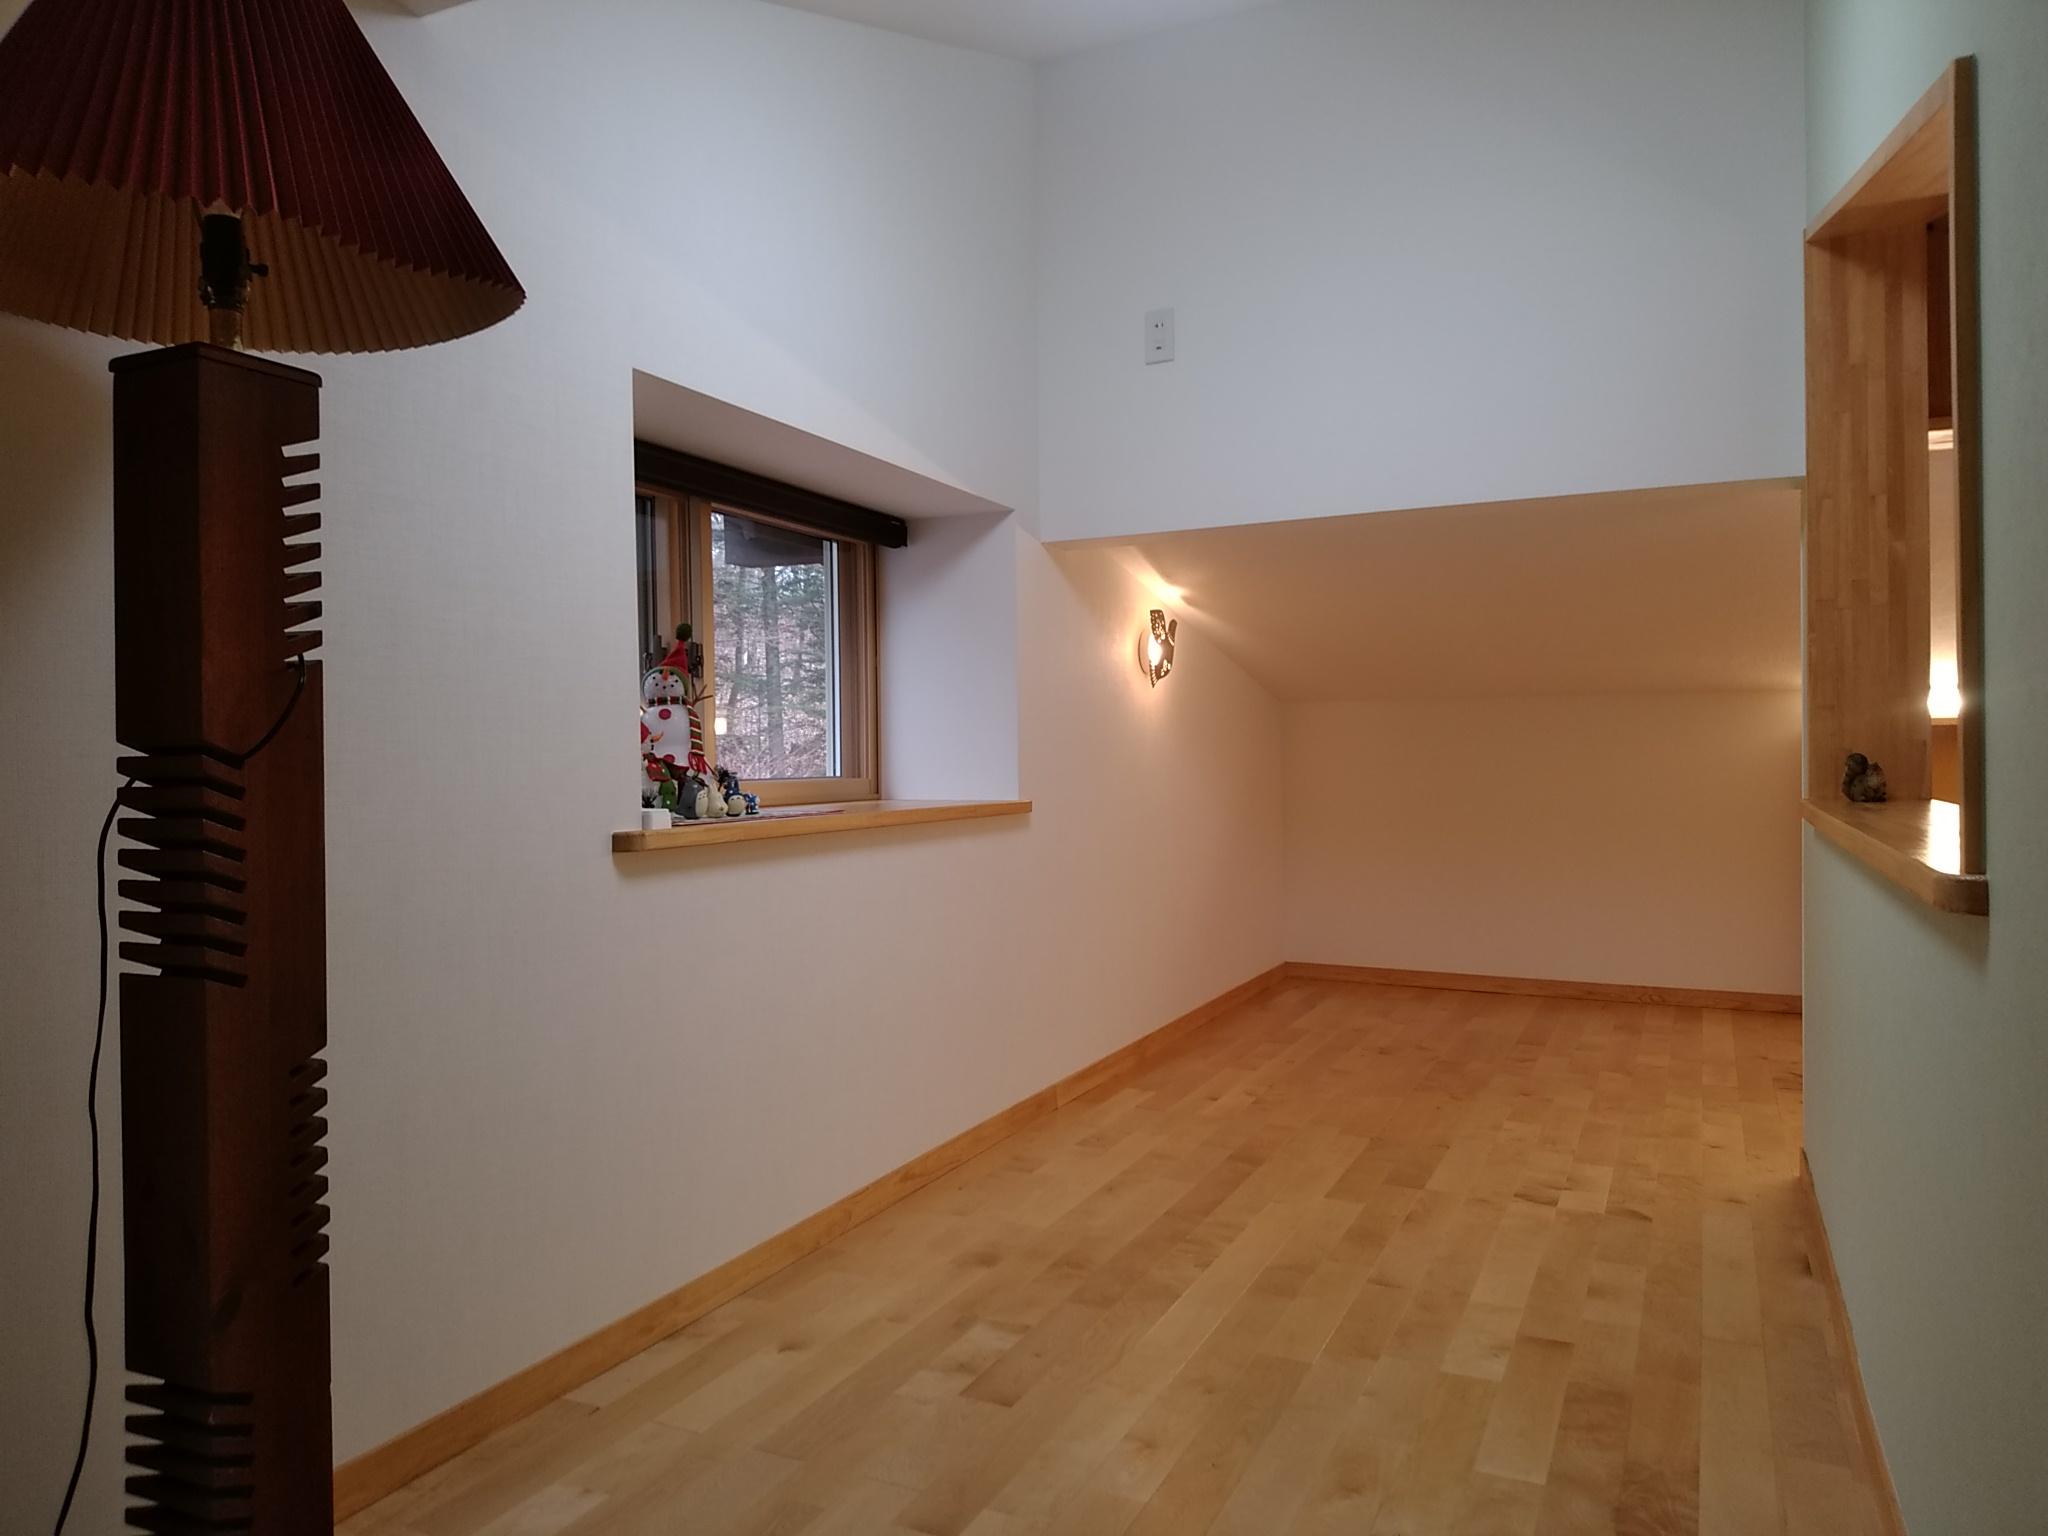 karuizawa_tt増築8オープンスペース部屋